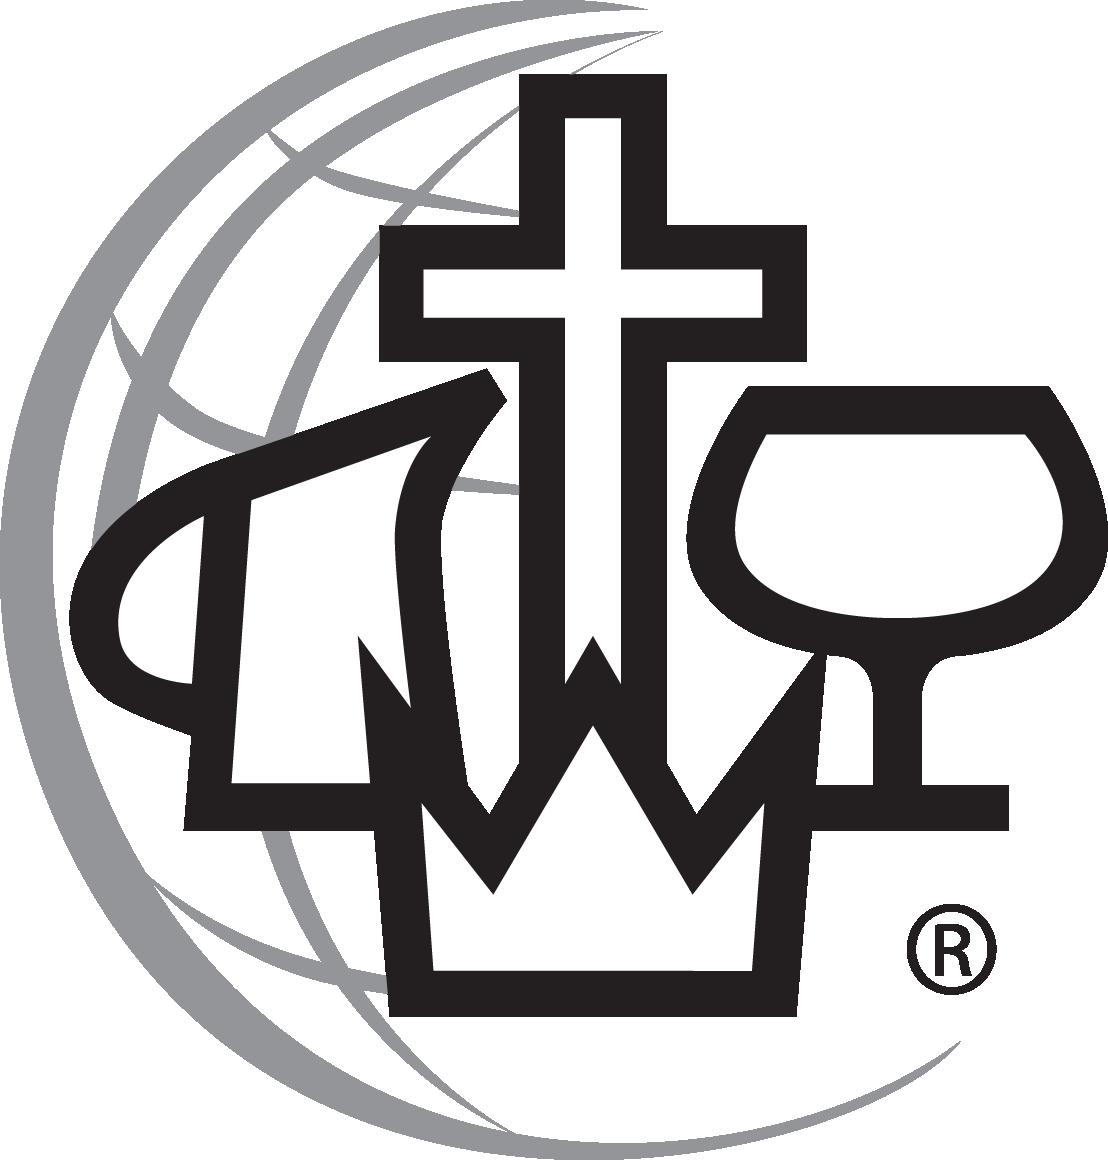 Logo gray trnsprnt.png